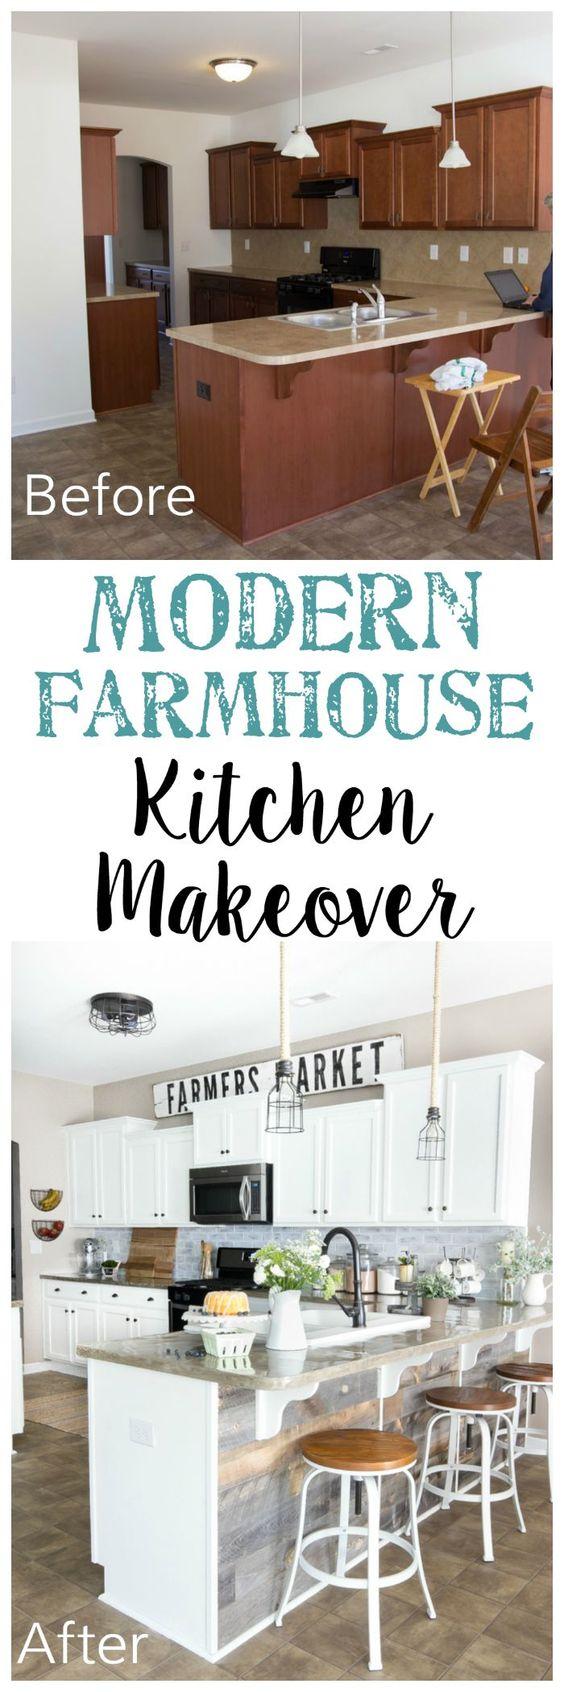 Cuisines de ferme modernes, relooking de cuisine and ferme moderne ...